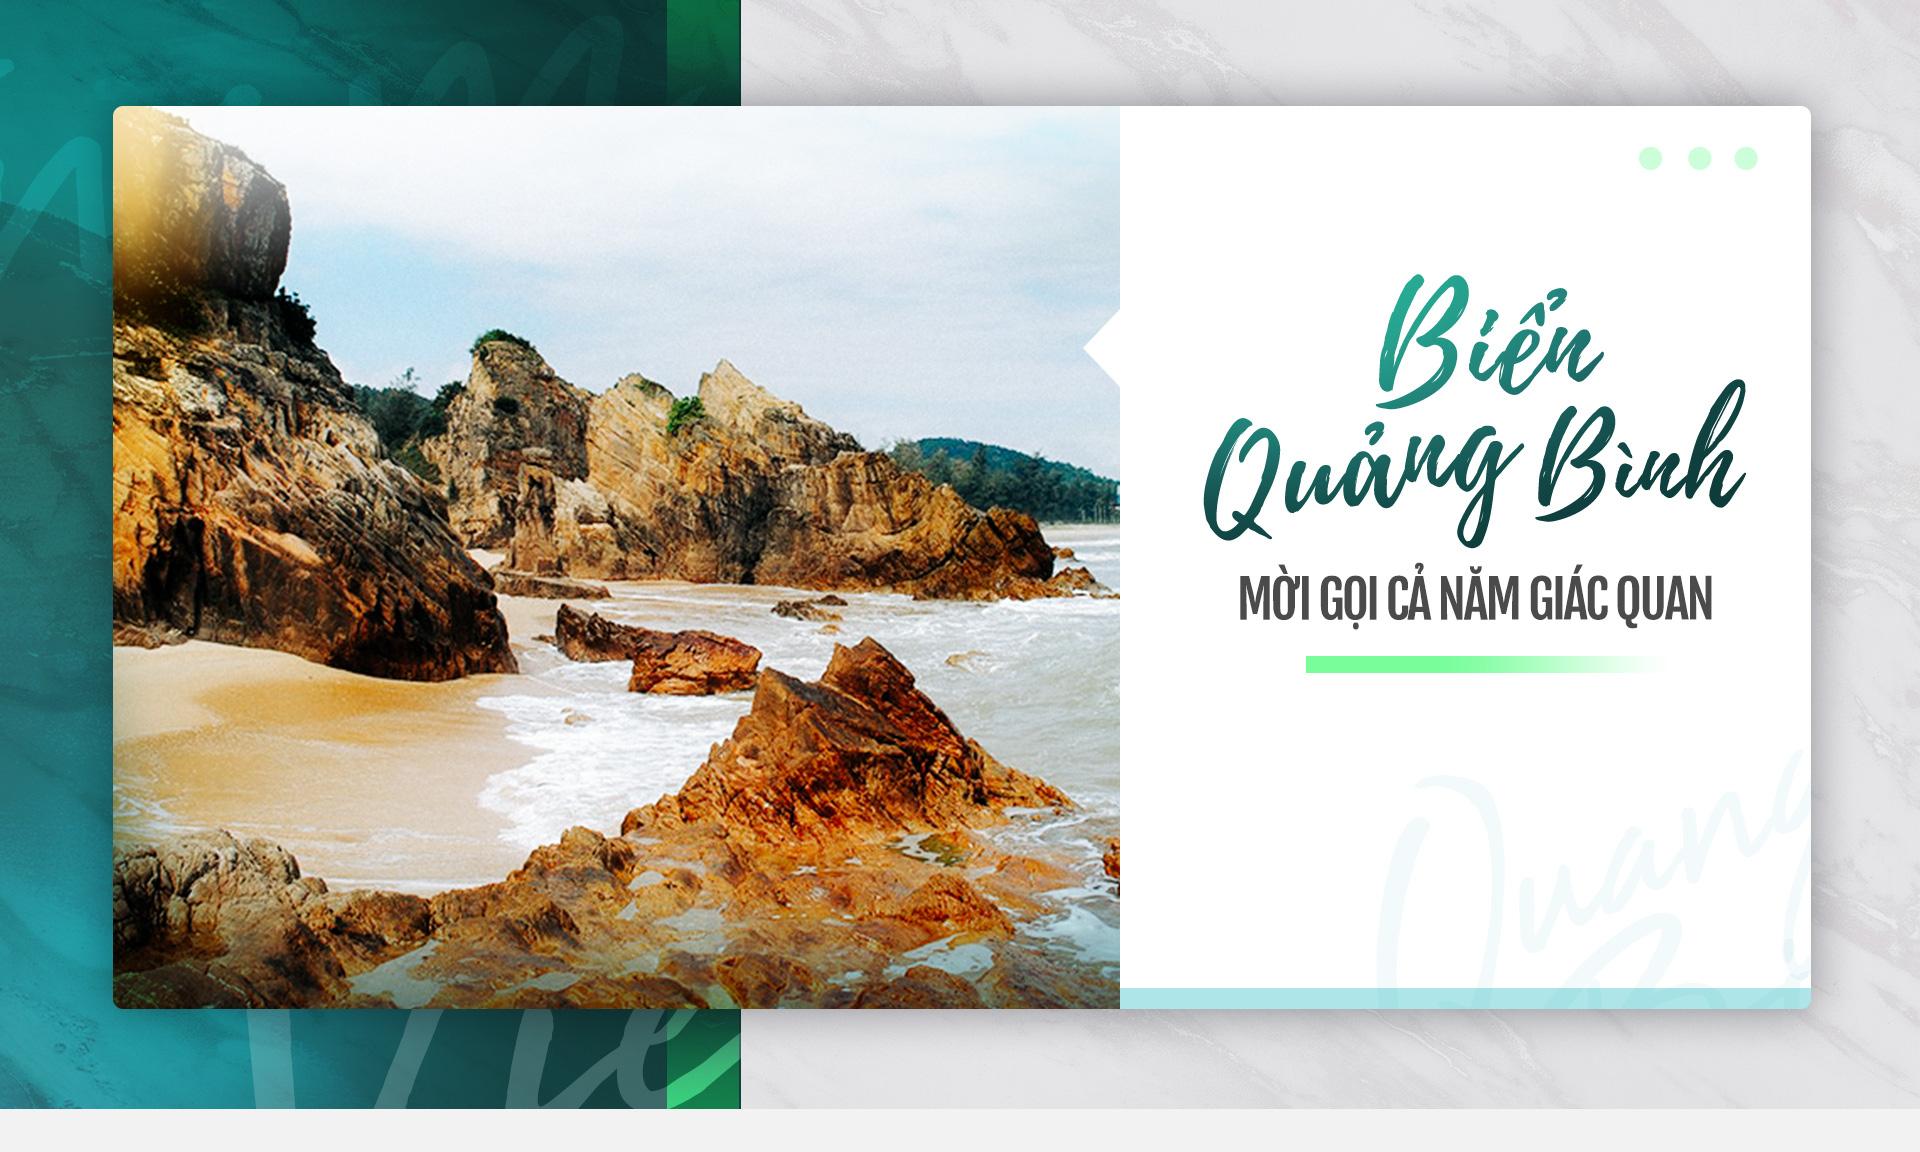 Biển Quảng Bình: Mời gọi cả năm giác quan